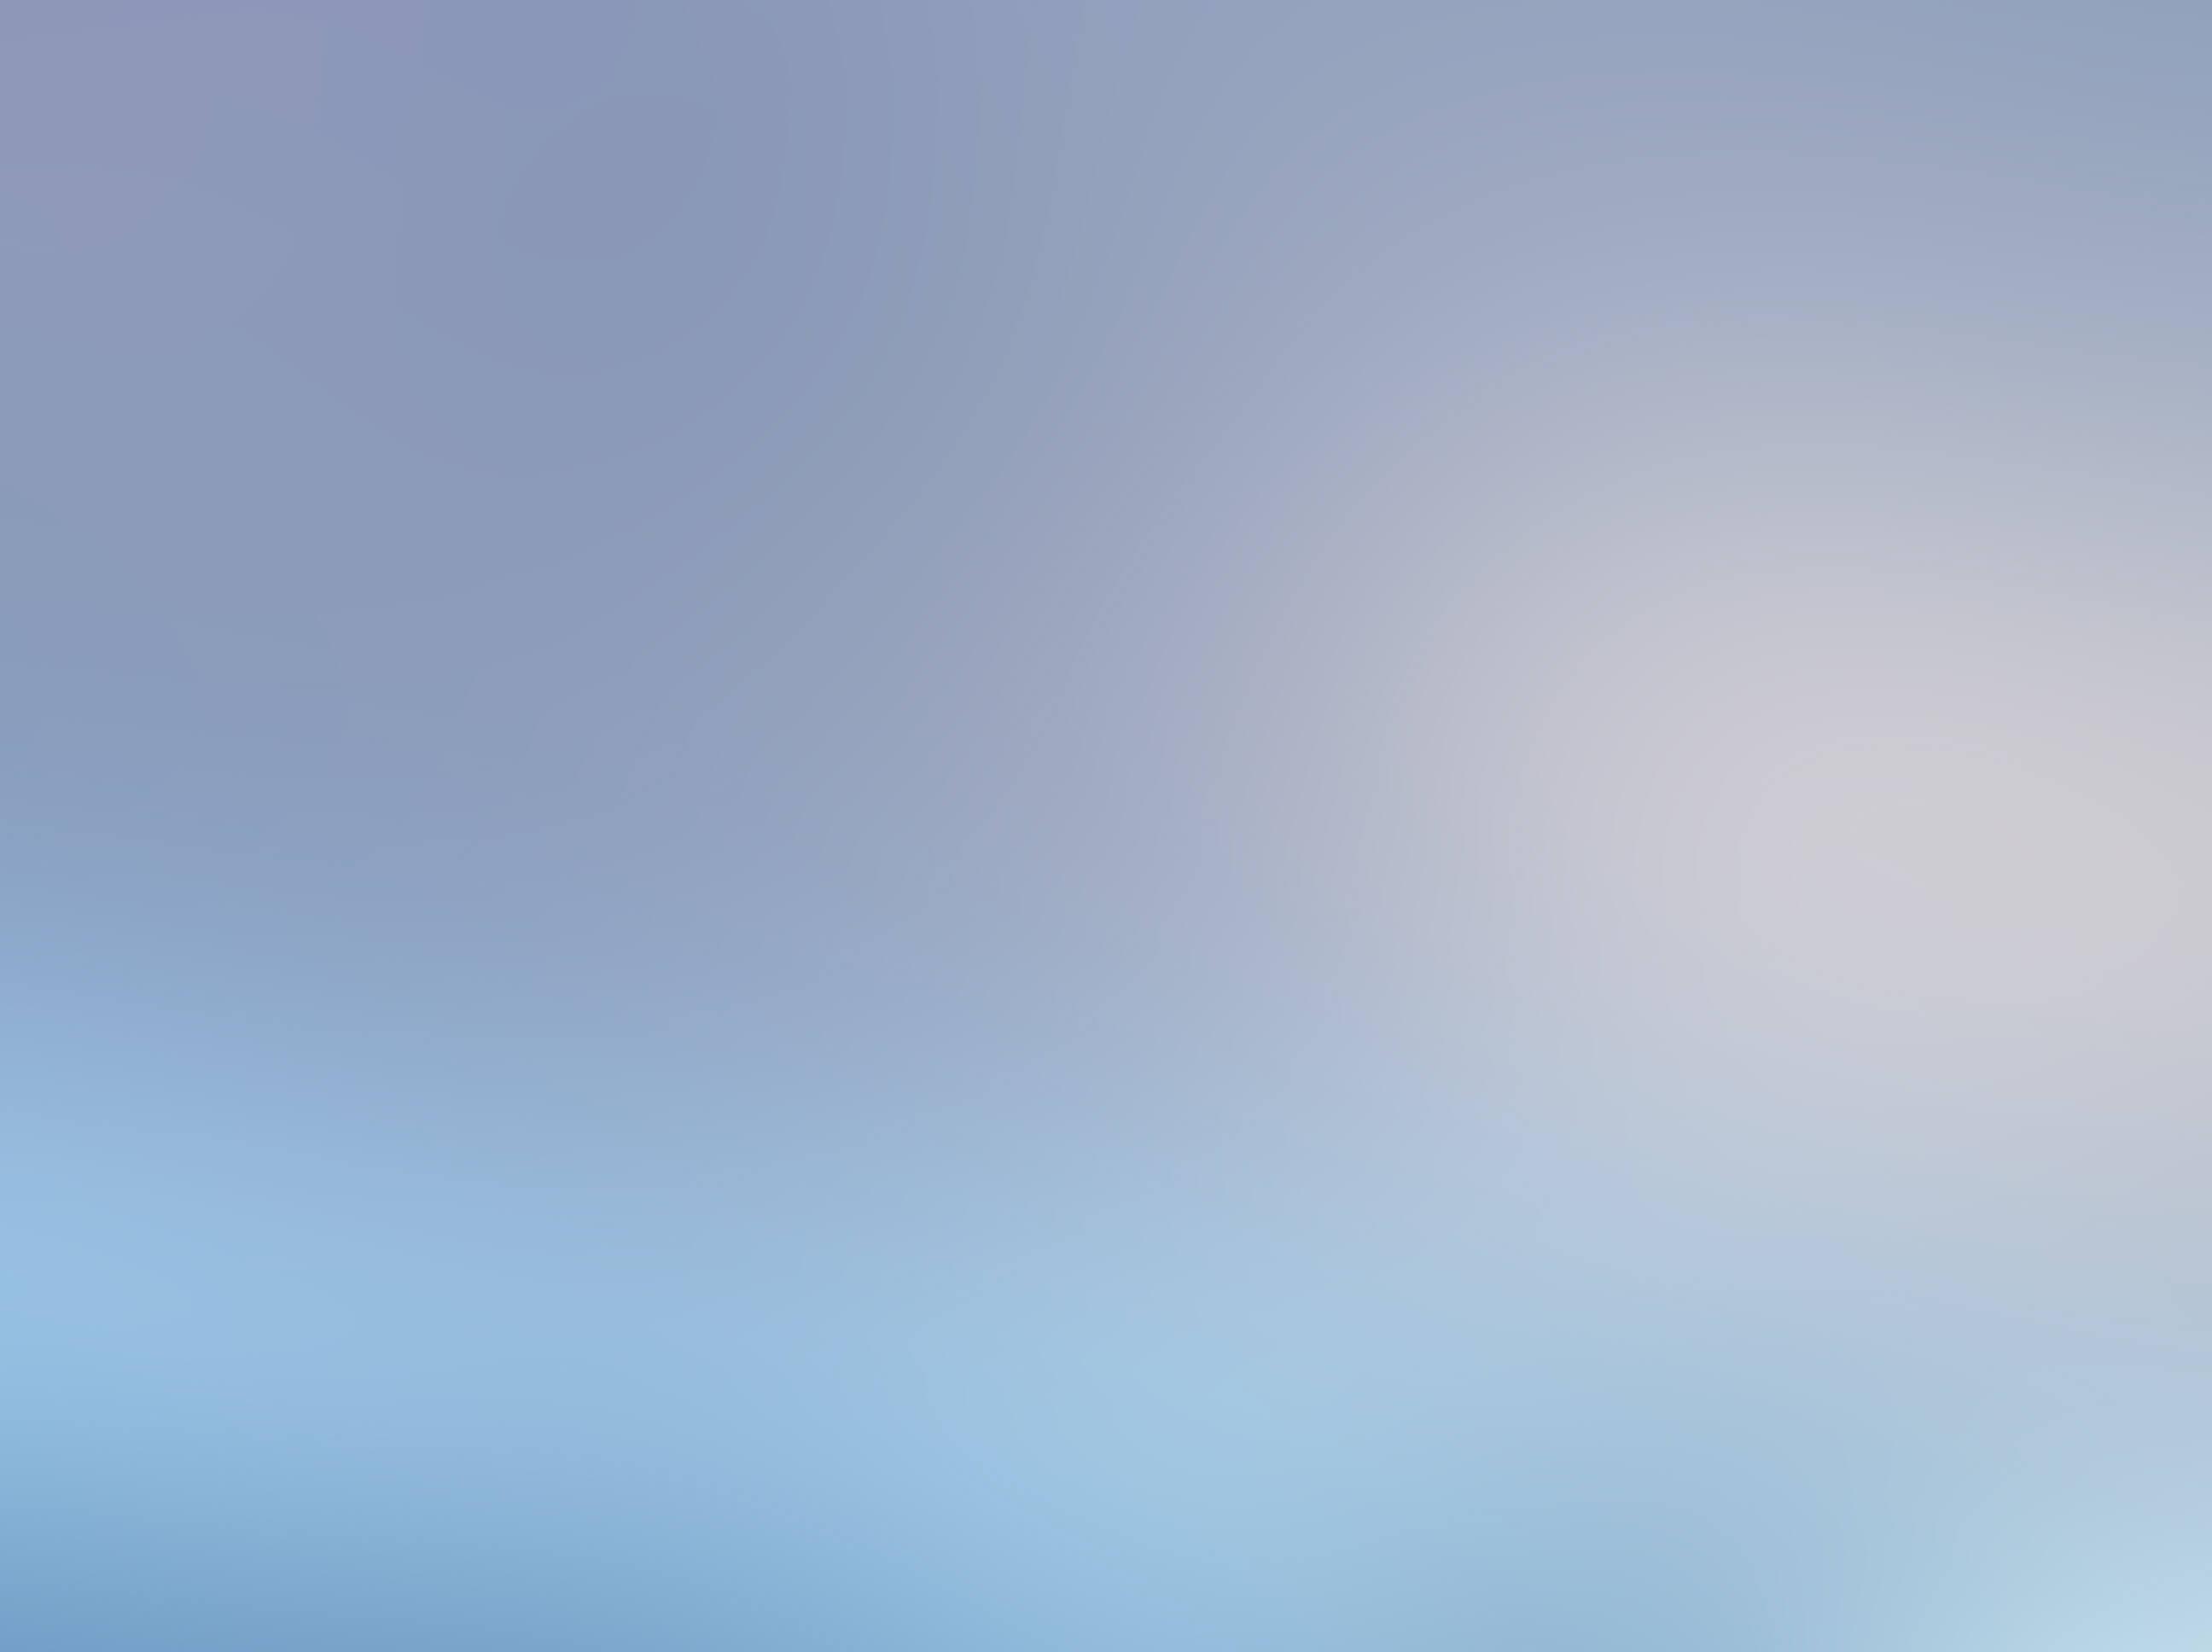 背景 壁纸 风景 天空 桌面 2592_1936